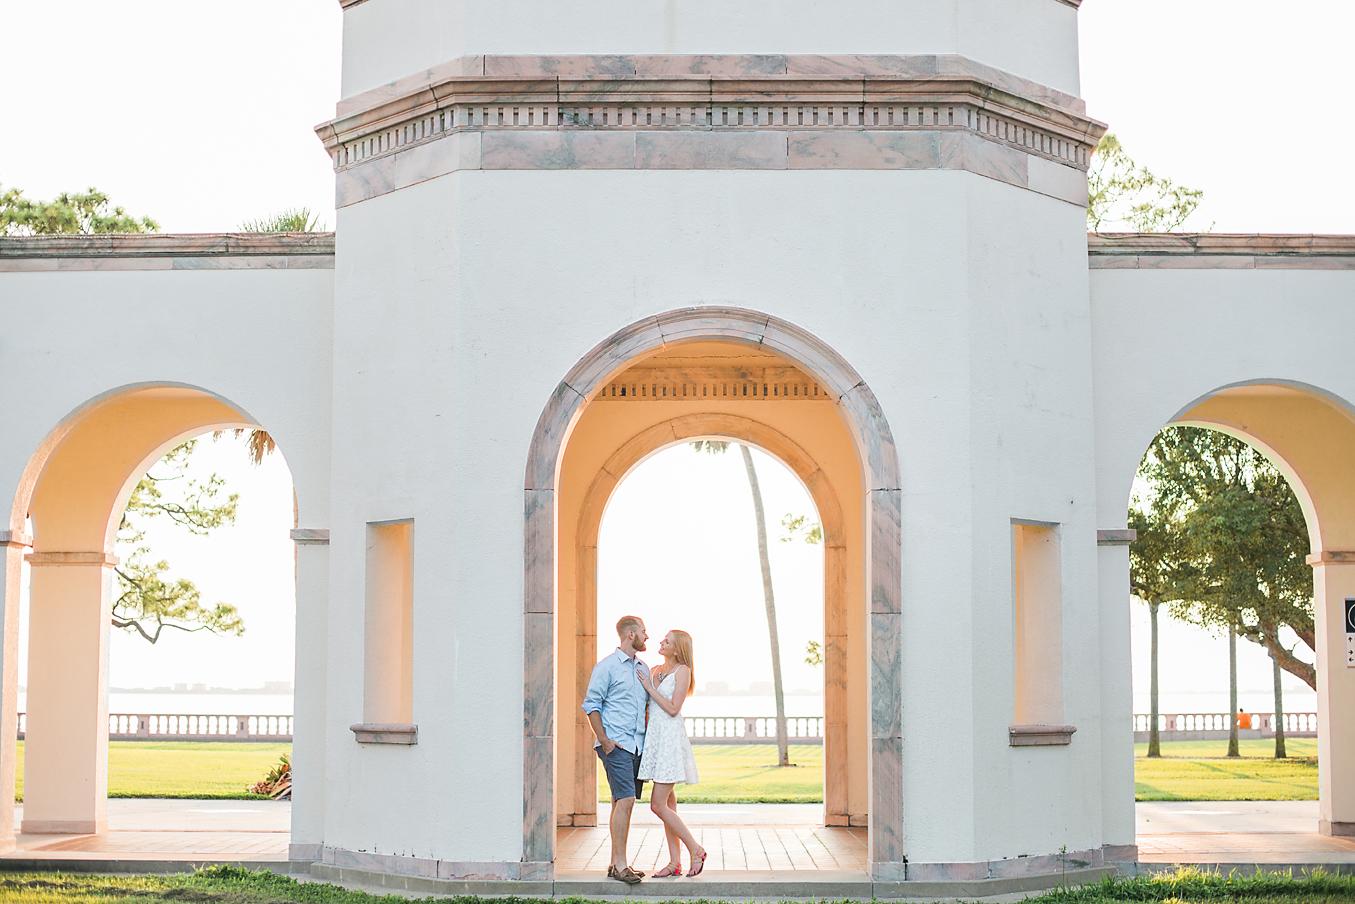 Lindsey +  Matthew - Sarasota Engagement Photographer - Sarasota Wedding Photographer - Emily & Co. Photography (4).jpg